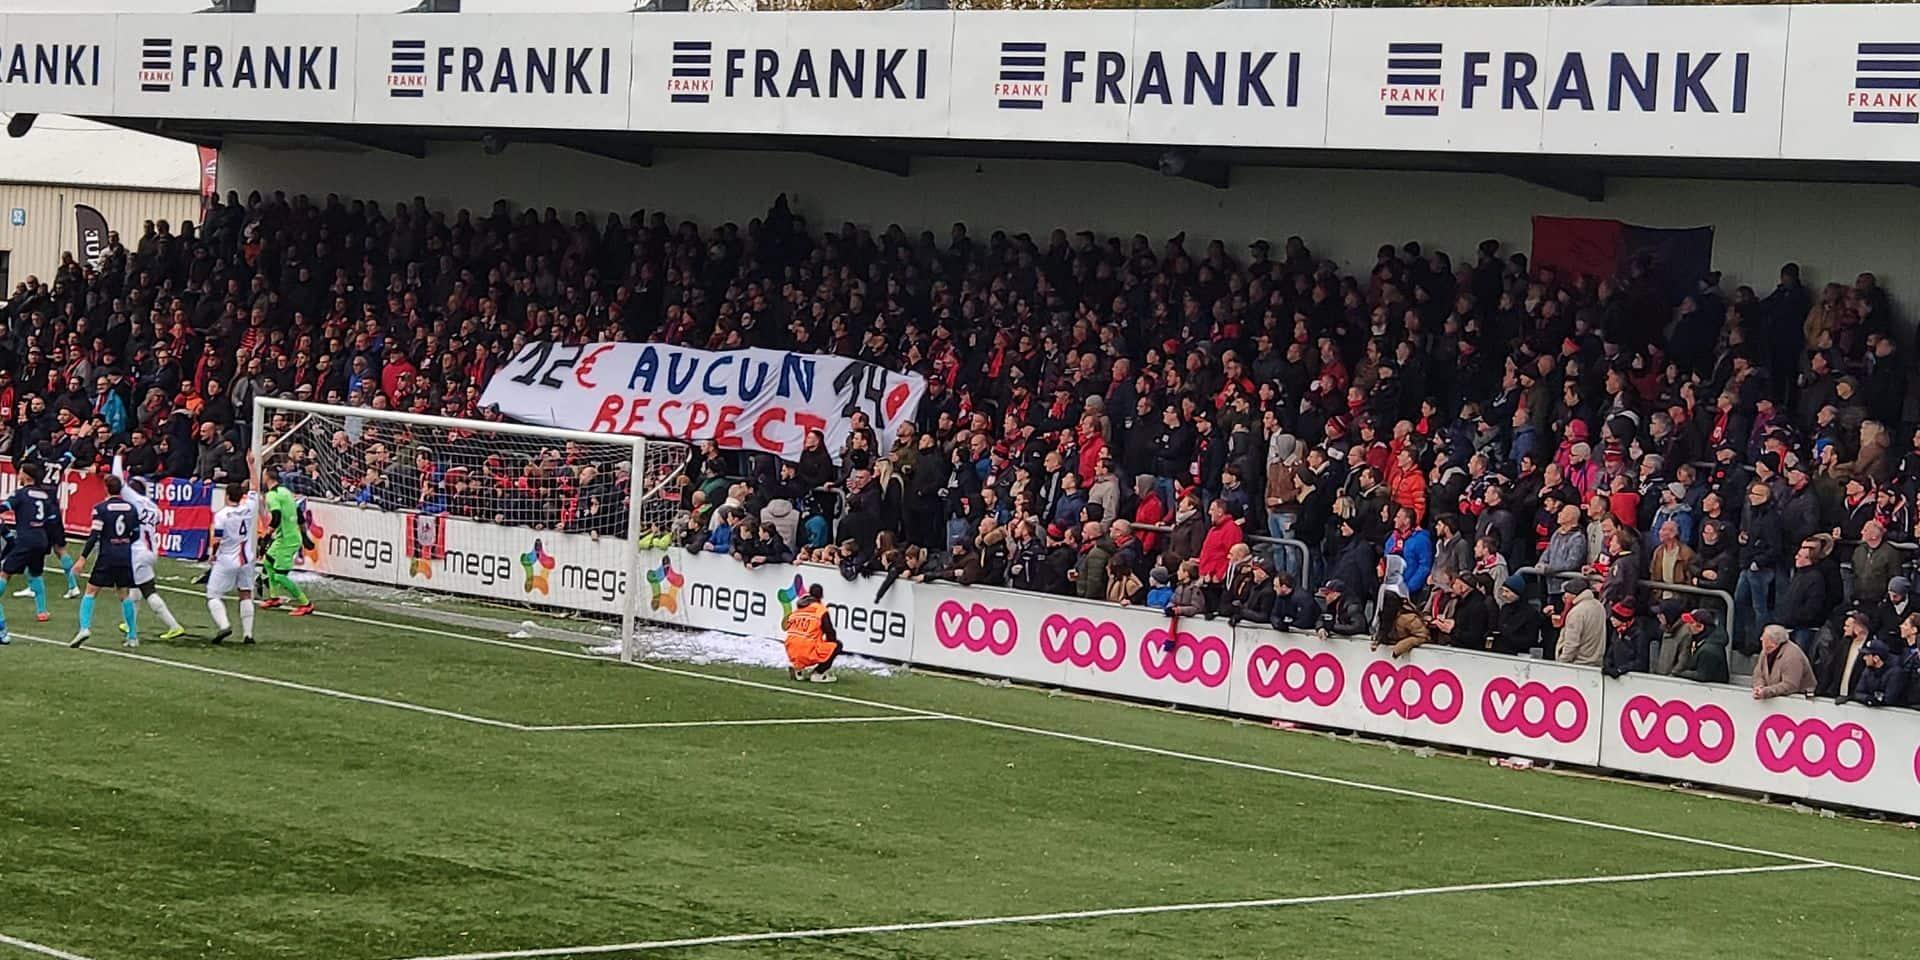 Les supporters du RFC Liège montrent leur colère pendant le derby face à Seraing